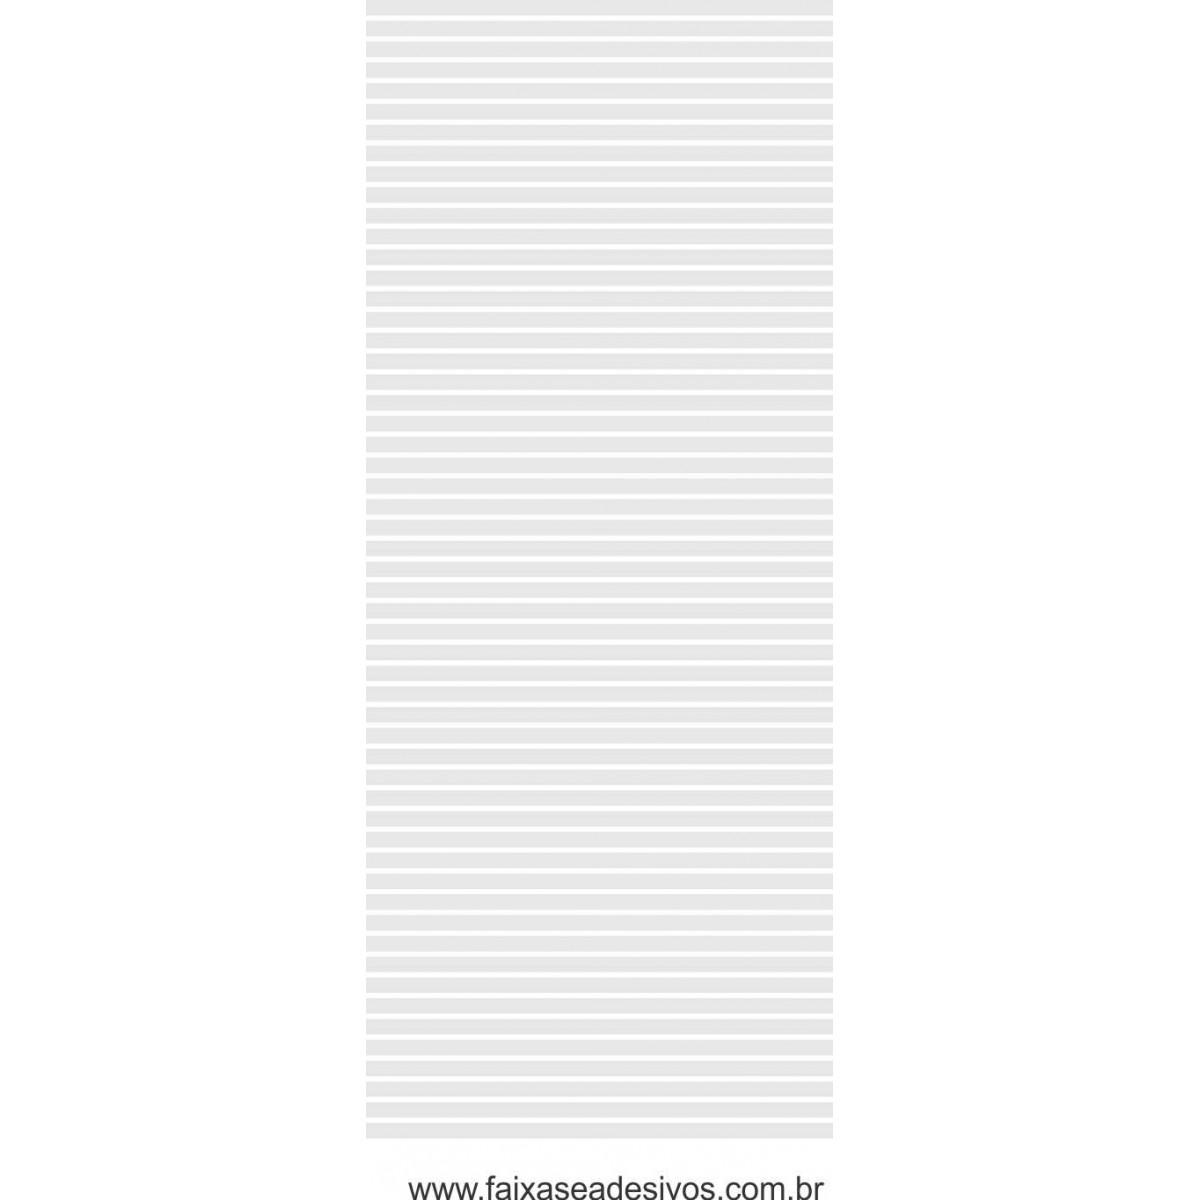 113 - Adesivo Persiana 3cm cada tira e vão de 1cm - 220x70cm - Escolha a cor  - FAC Signs Impressão Digital